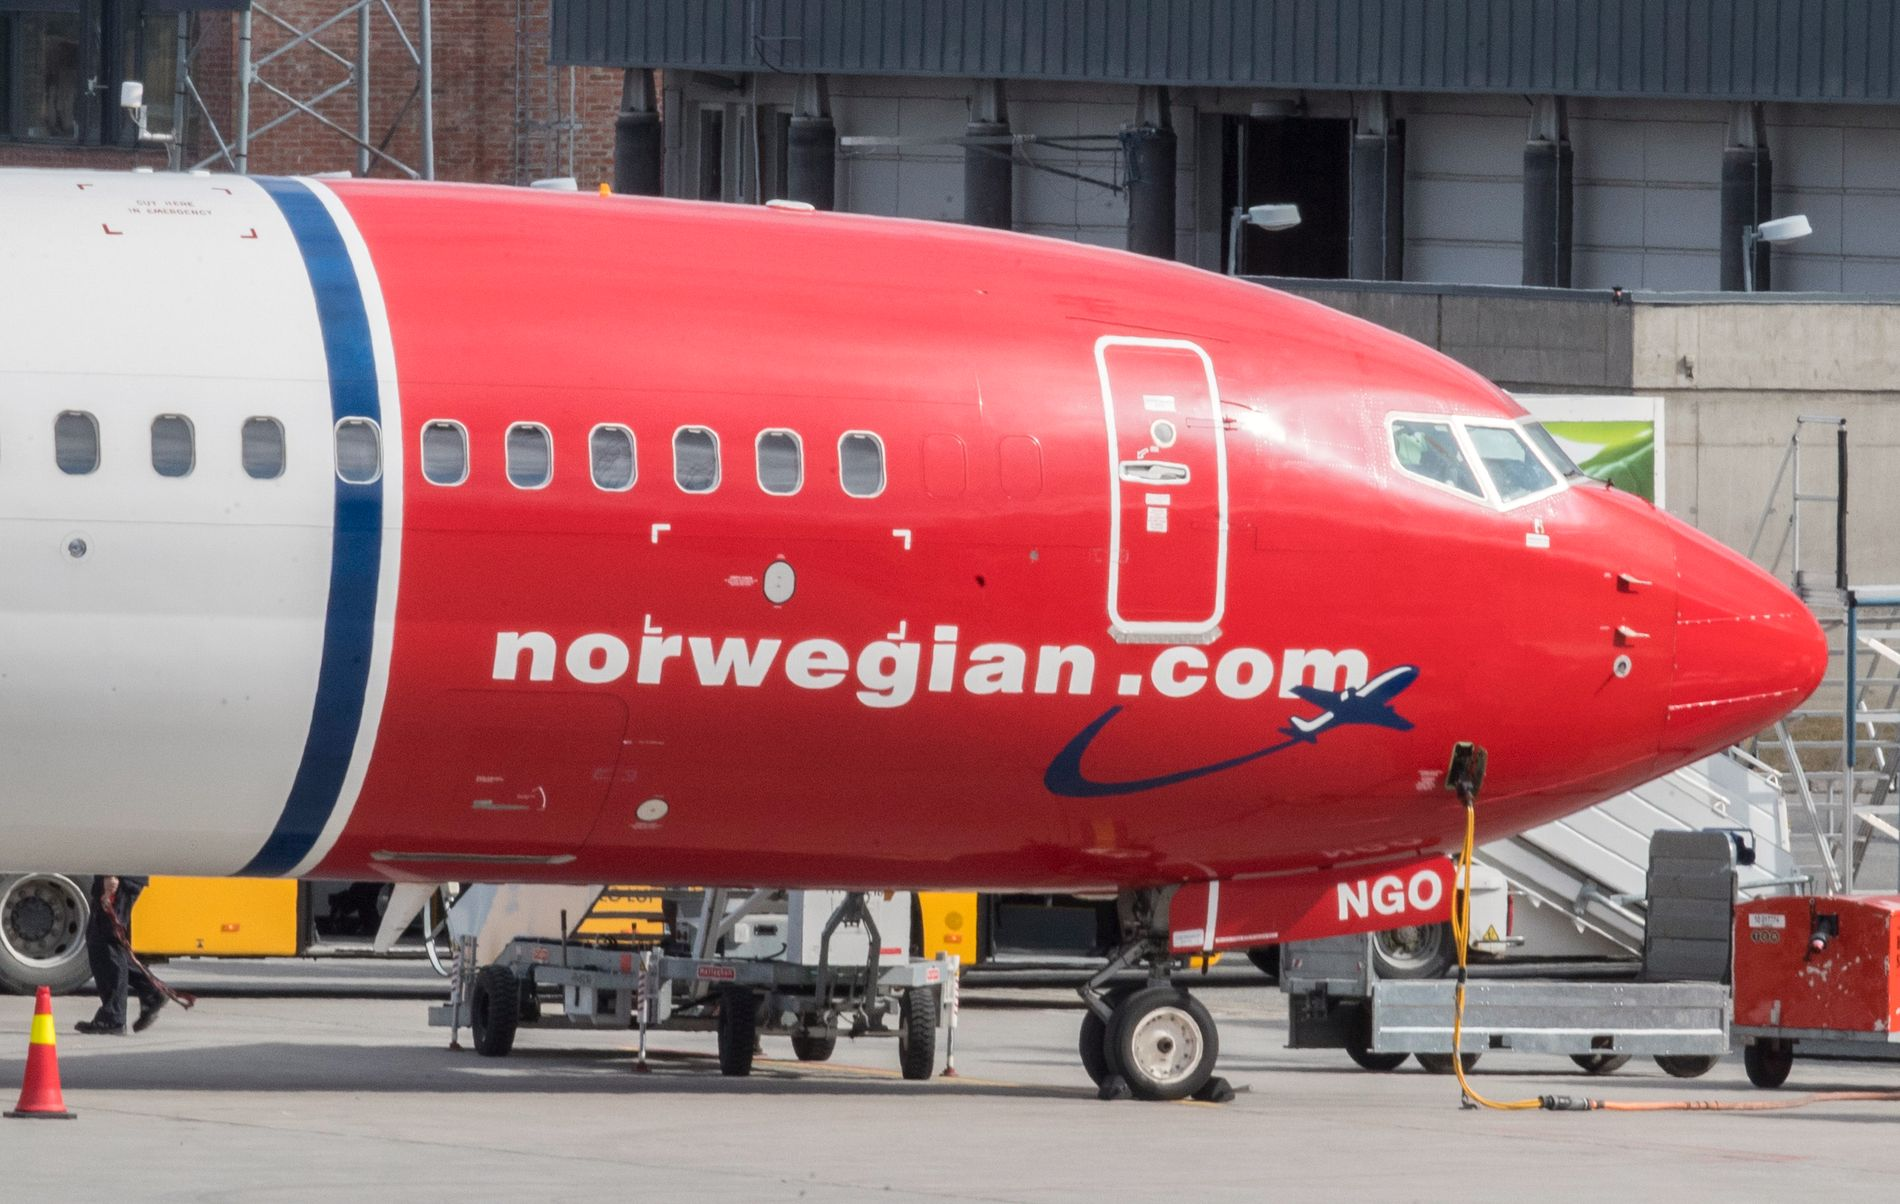 Norwegian fly har bedt om forlengelse på lån, men låneeierne foreslår en alternativ løsning.  Foto: Vidar Ruud / NTB scanpix